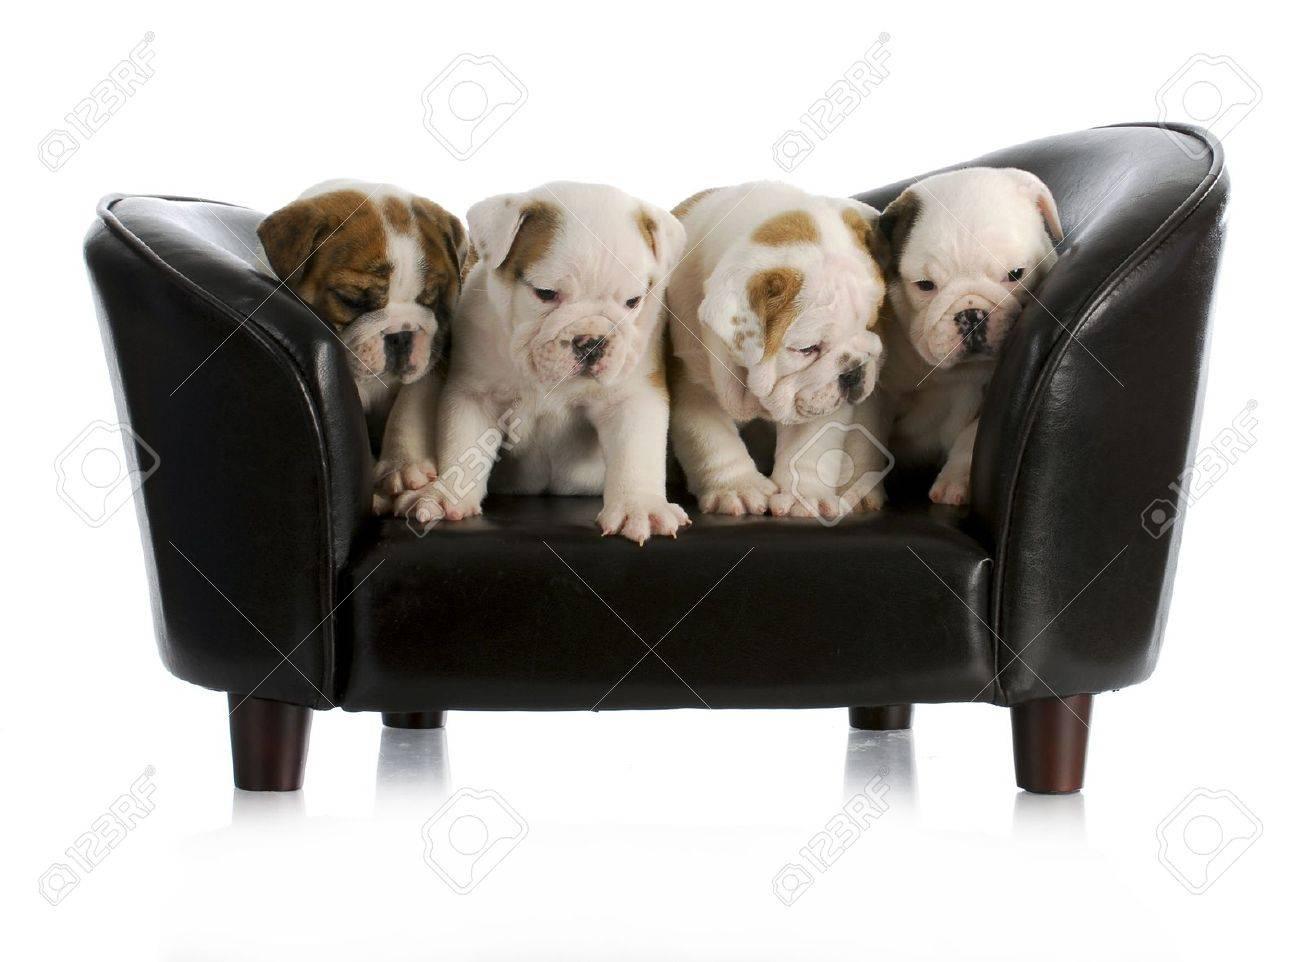 Full Size of Sofa Englisch Wurf Von Bulldogge Welpen Hund Sitzt Auf Einem Mit Ligne Roset Großes Blau Zweisitzer Bezug Ecksofa Ottomane L Schlaffunktion Angebote 3 Sitzer Sofa Sofa Englisch